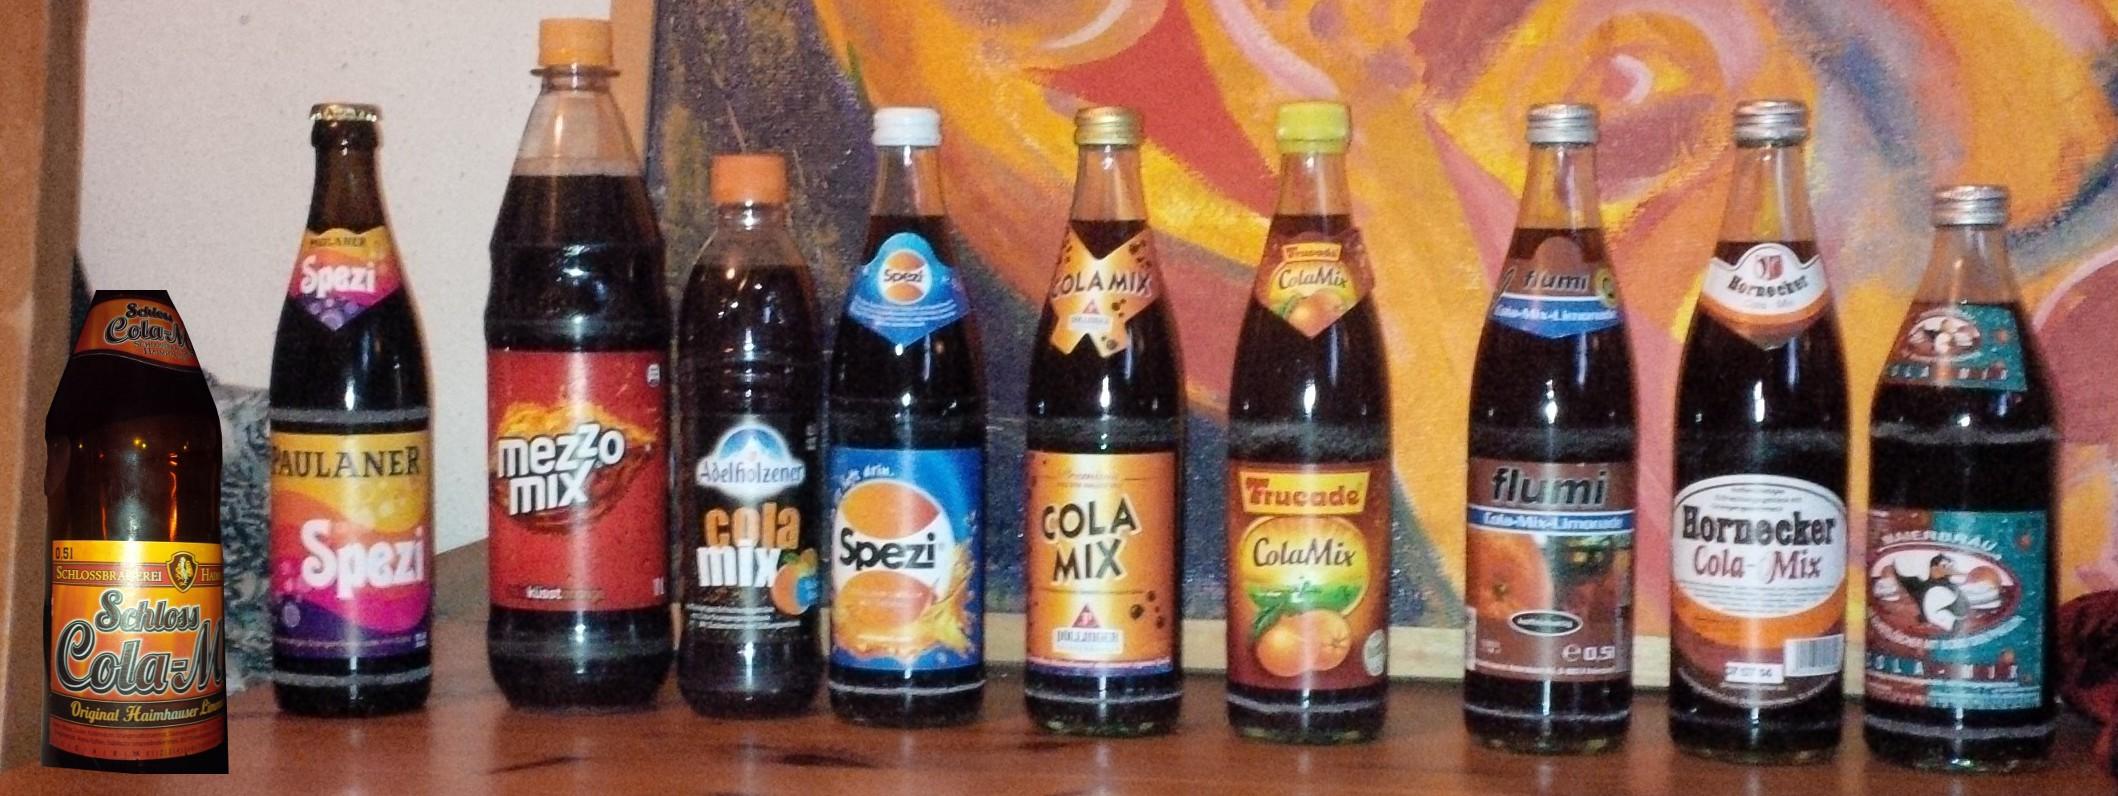 Paulaner Spezi Alcohol Free